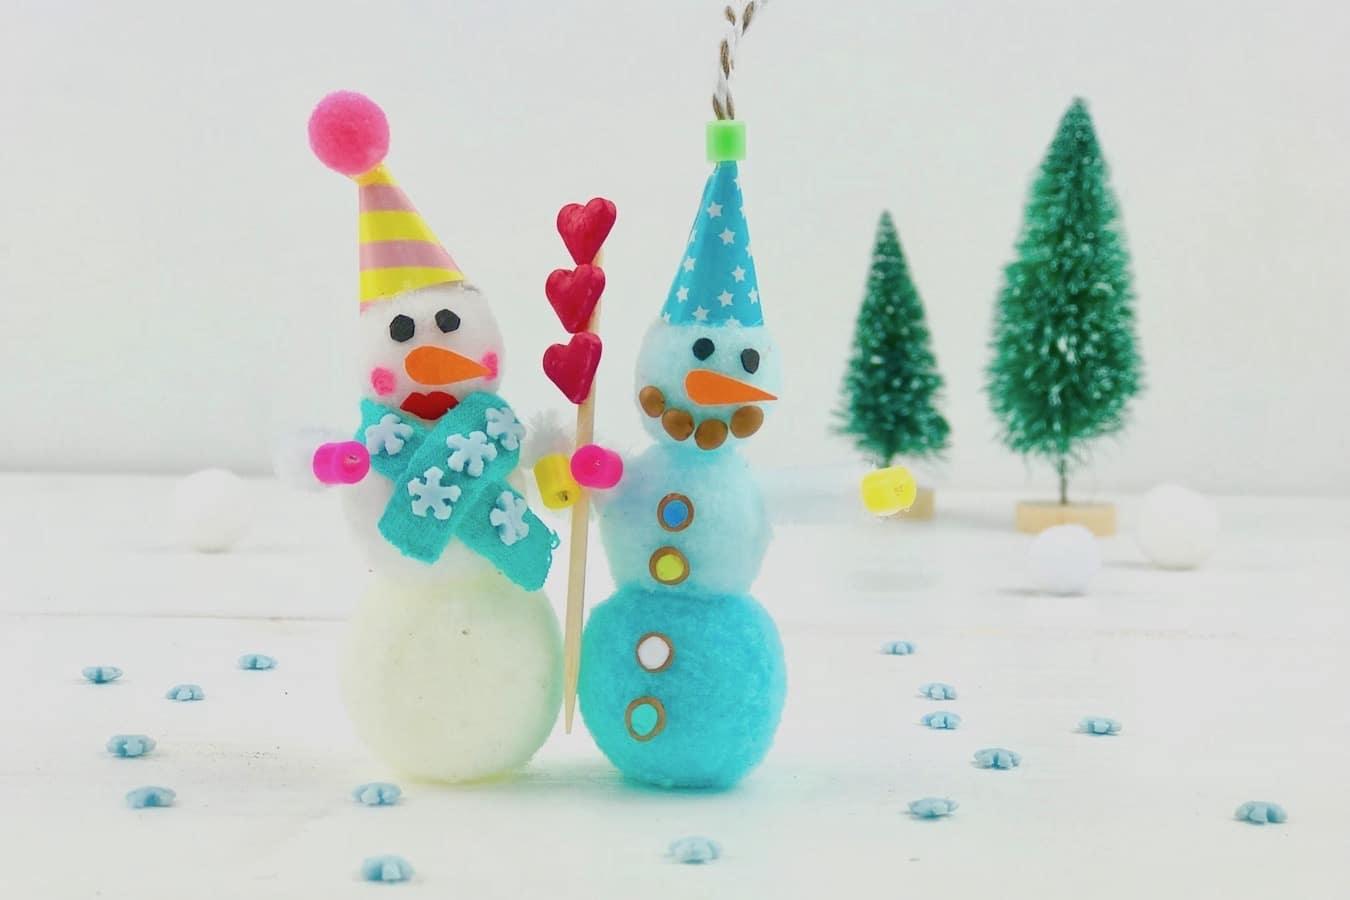 Weihnachtsbasteln Mit Kindern Zum Advent: 3 Einfache ganzes Weihnachtsbasteln Mit Kindern Grundschule